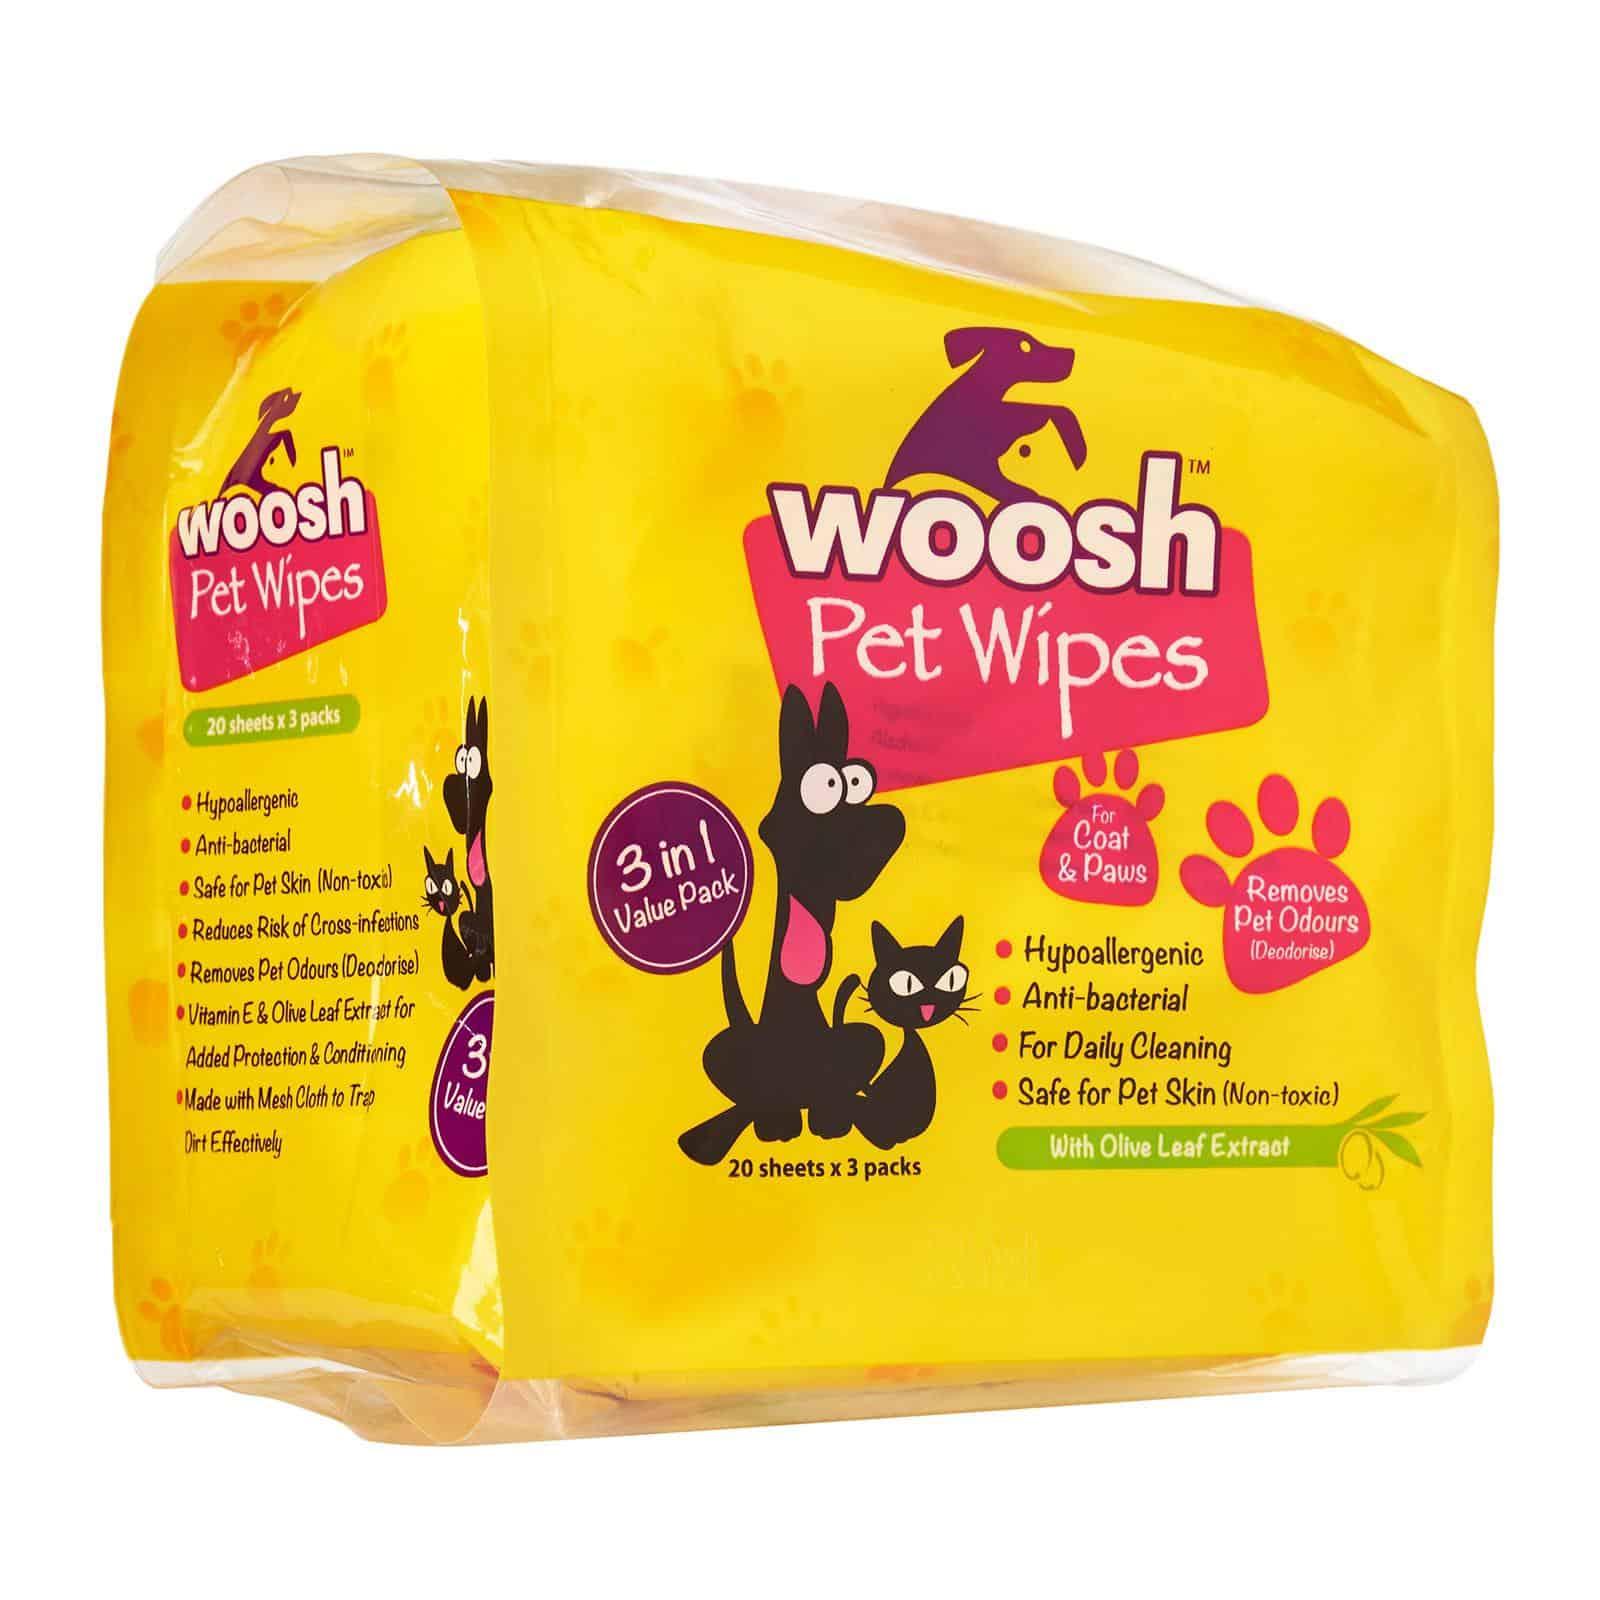 Woosh Pet Wipes